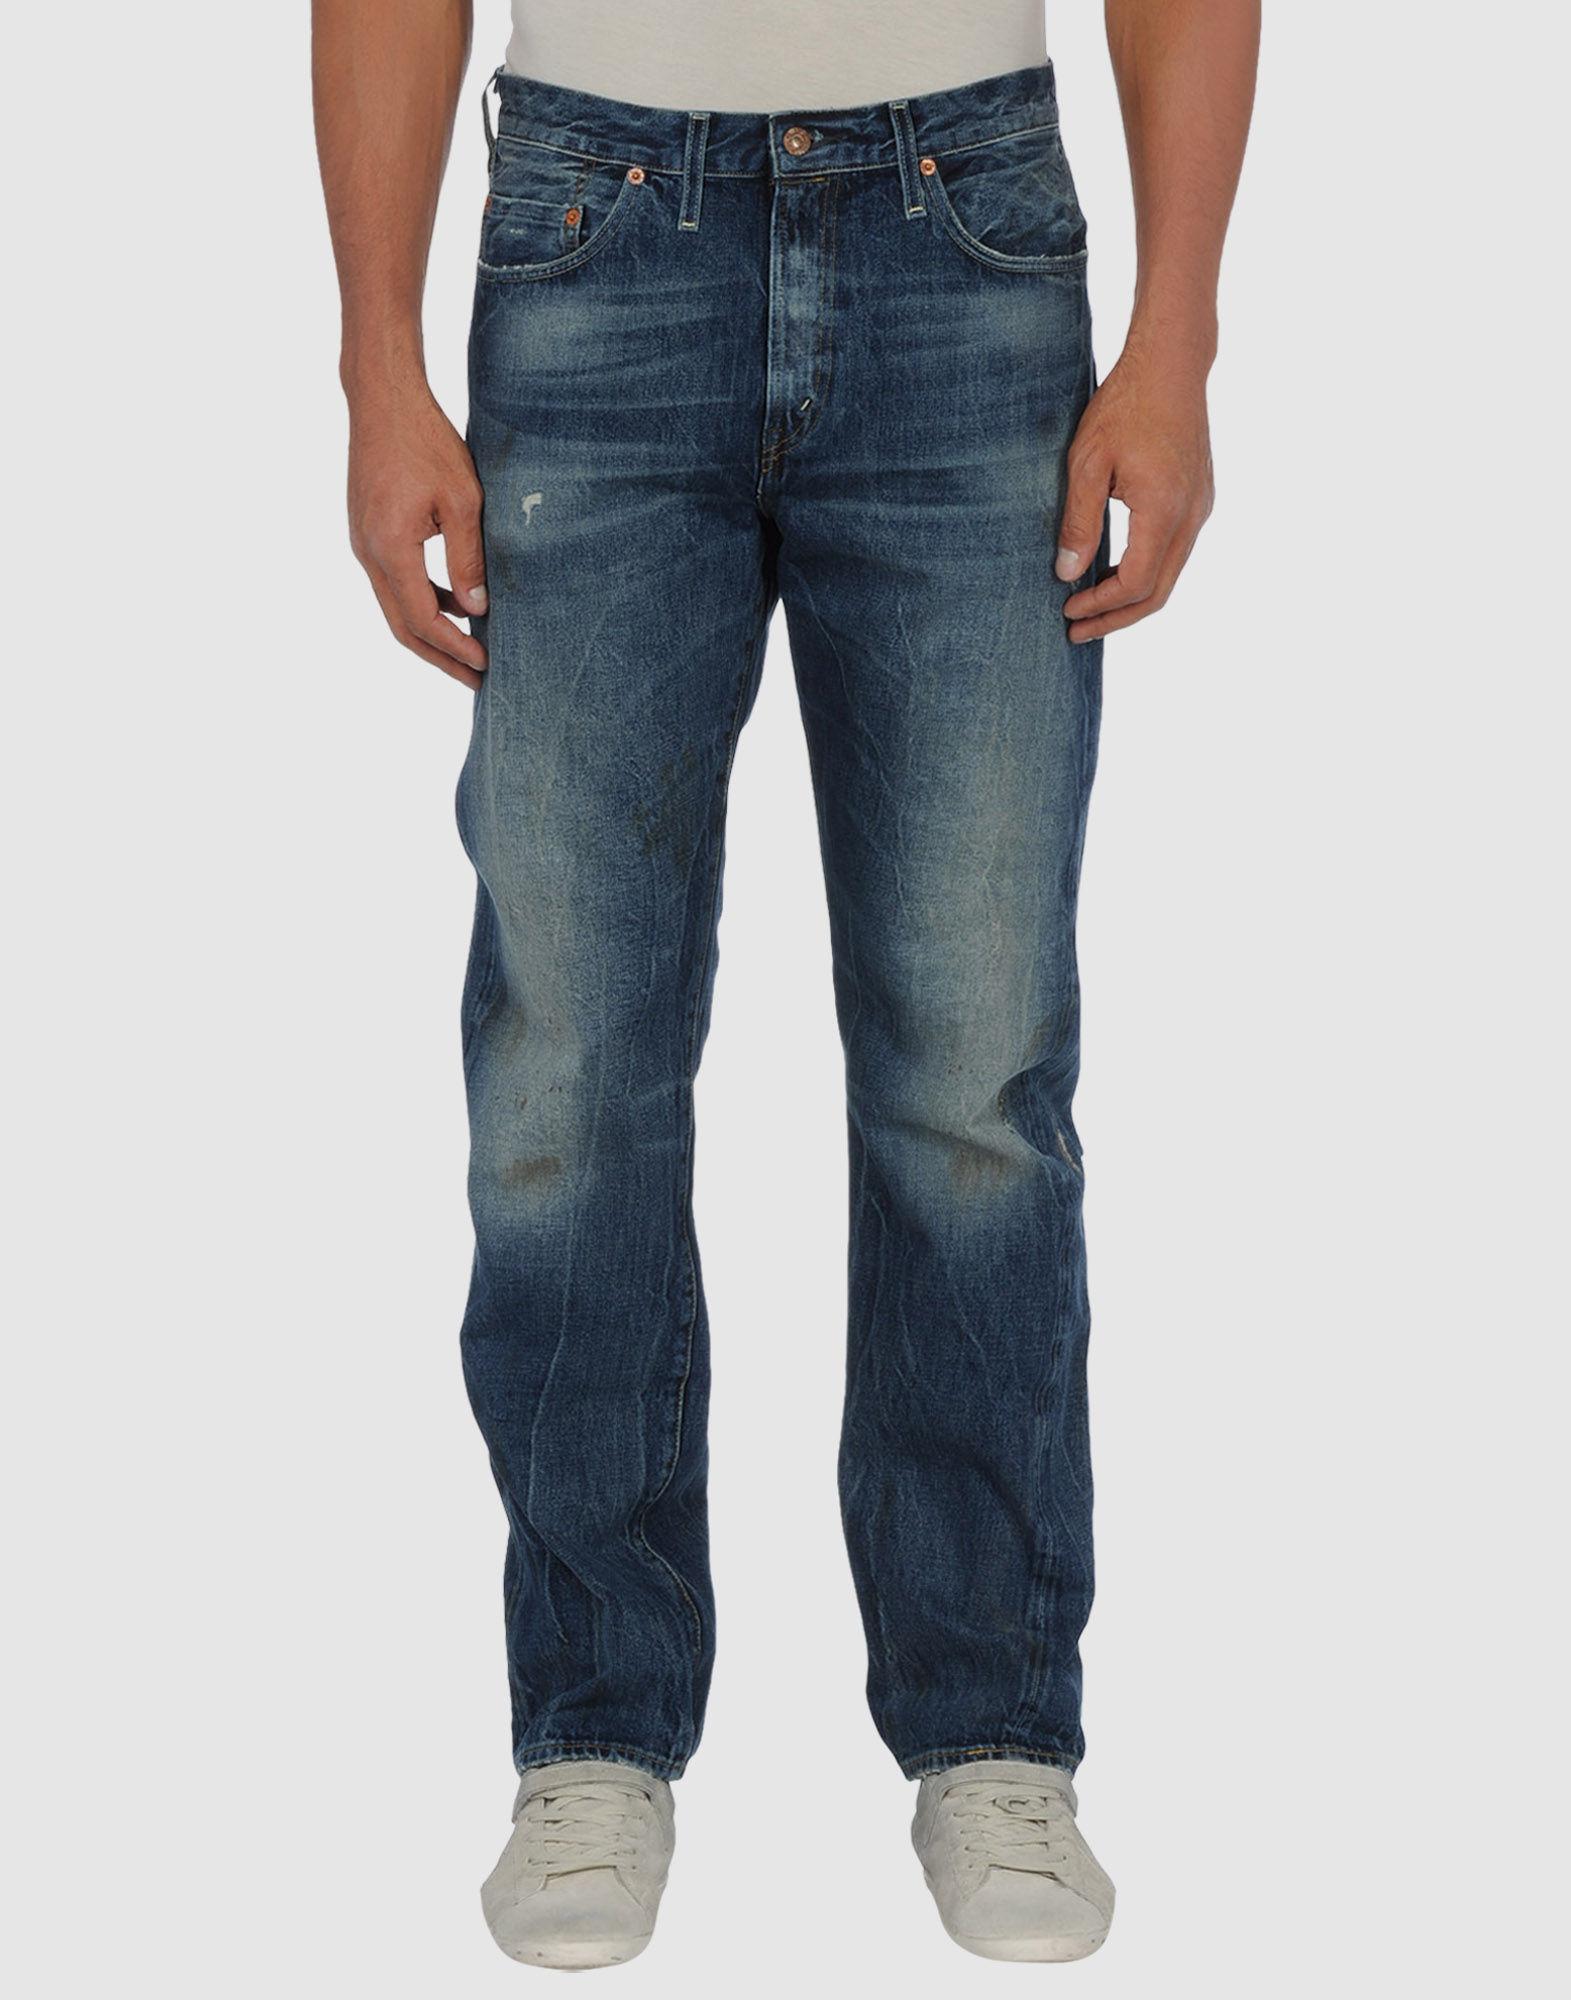 levi 39 s levis vintage clothing denim pants in blue for men. Black Bedroom Furniture Sets. Home Design Ideas